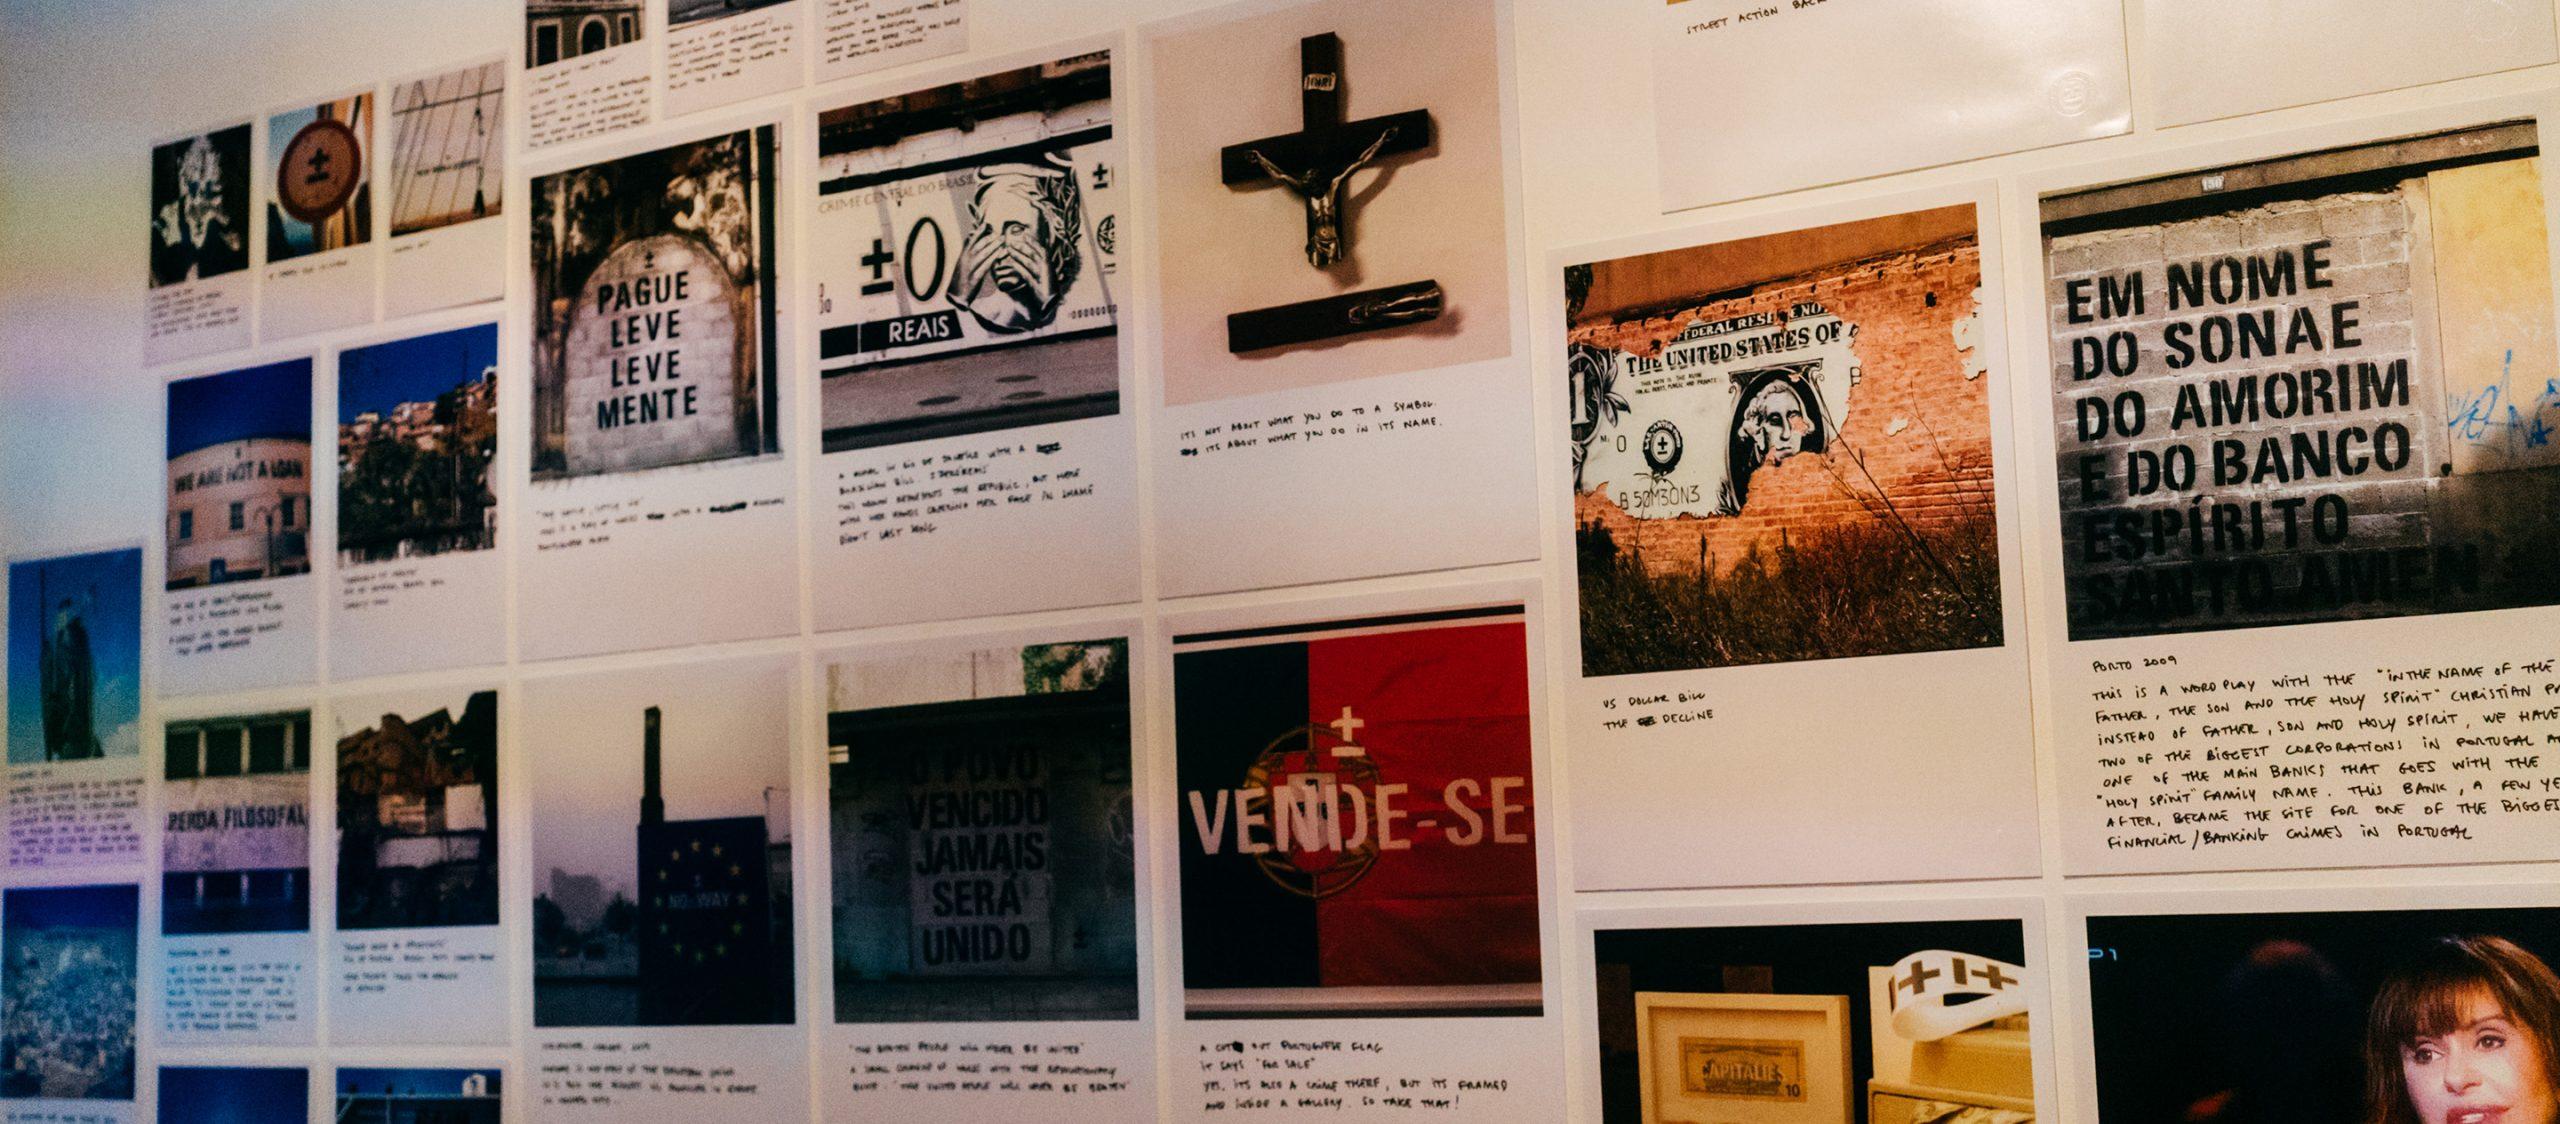 Galleries' Night ชวนดื่มด่ำและย่ำไปใน 12 แกลเลอรีทั่วกรุงยามค่ำคืน